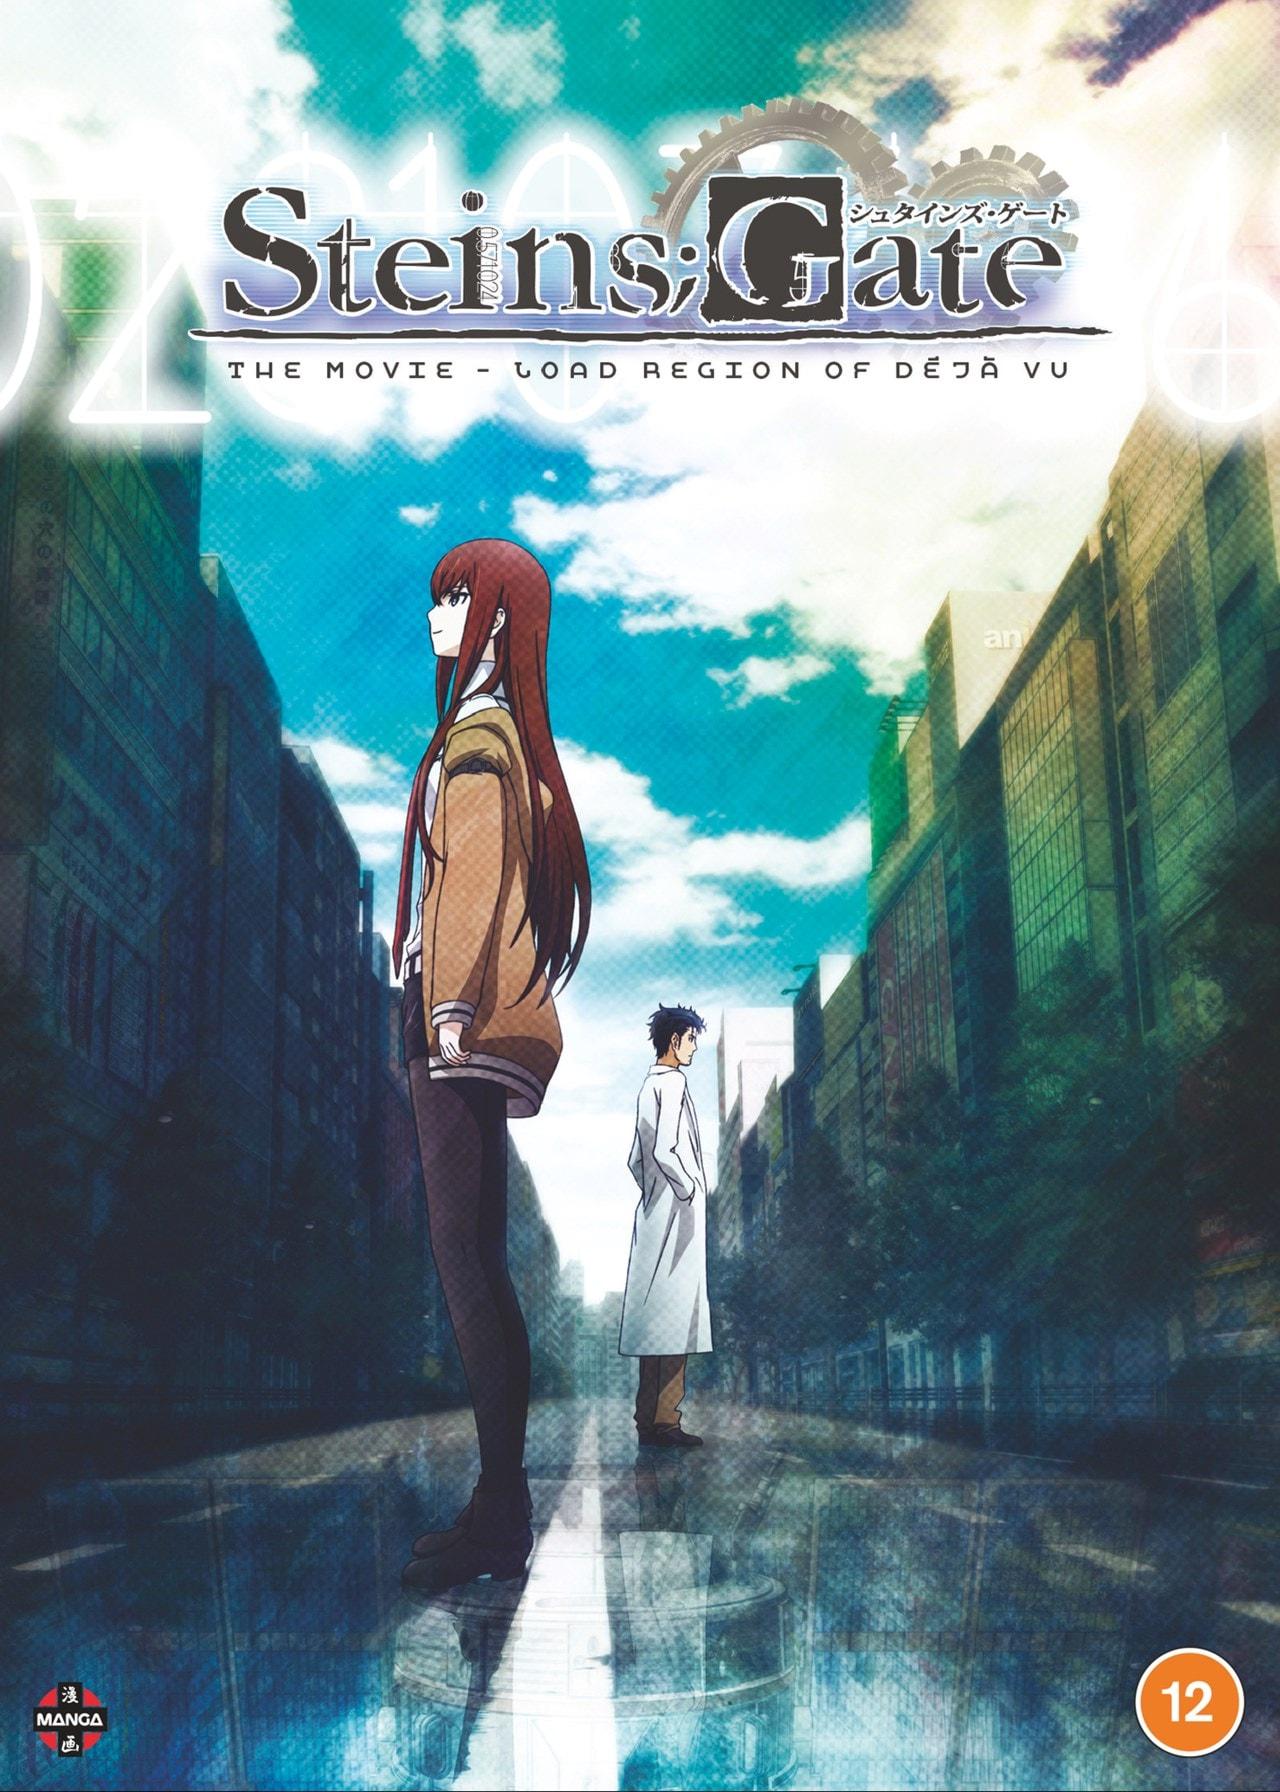 Steins;Gate: The Movie - Load Region of Deja Vu - 1